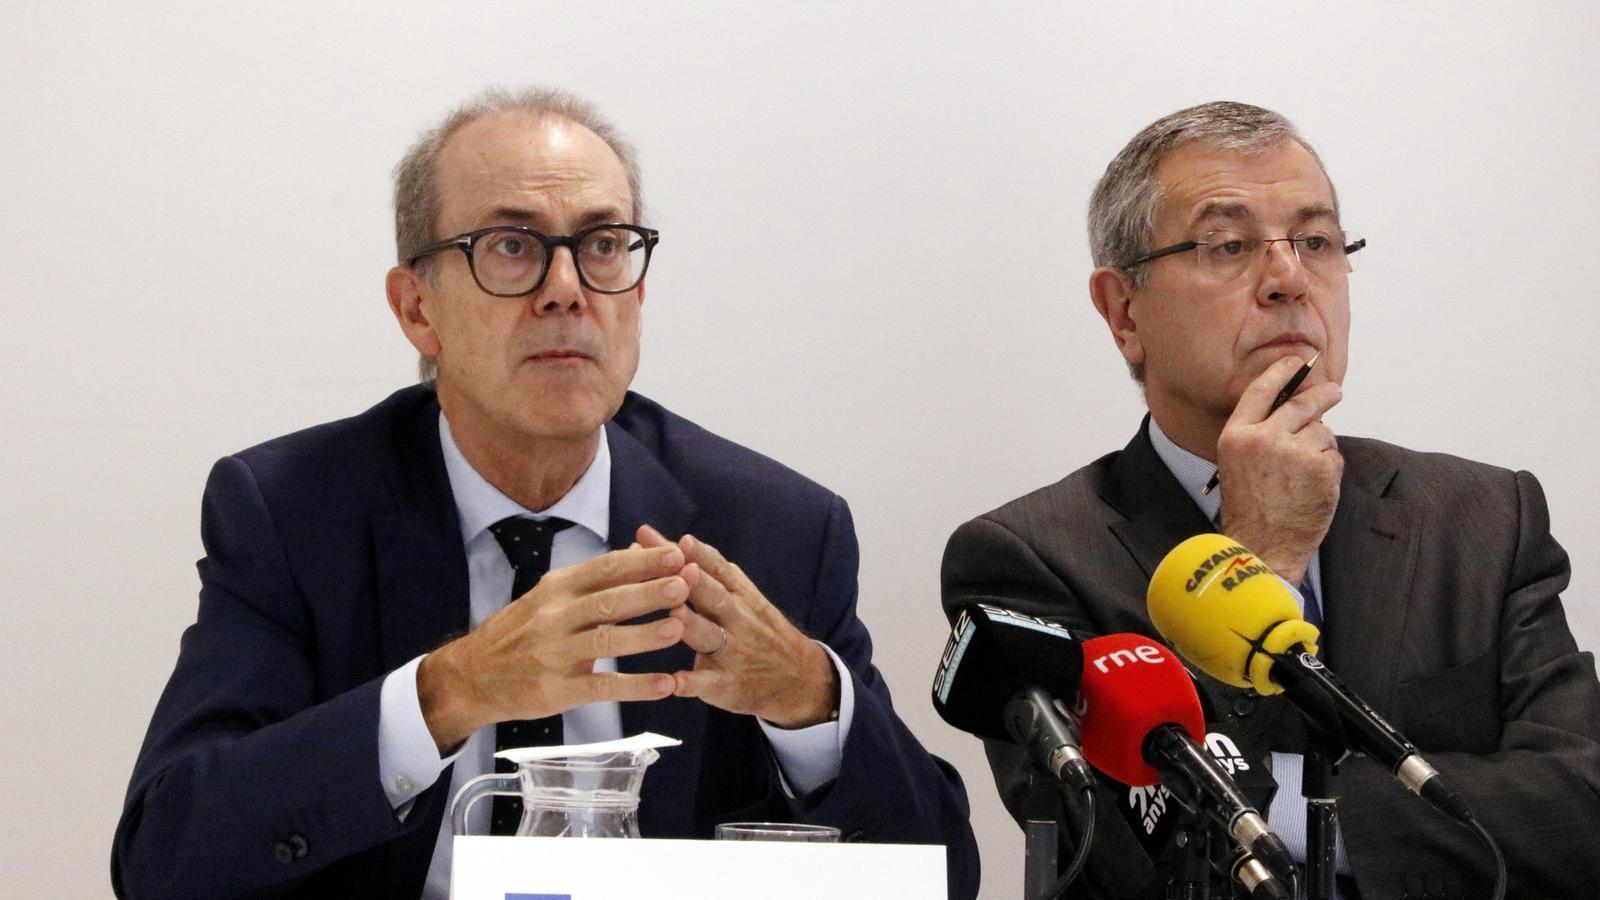 Els economistes Albert Carreras i Modest Guinjoan, durant la roda de premsa.